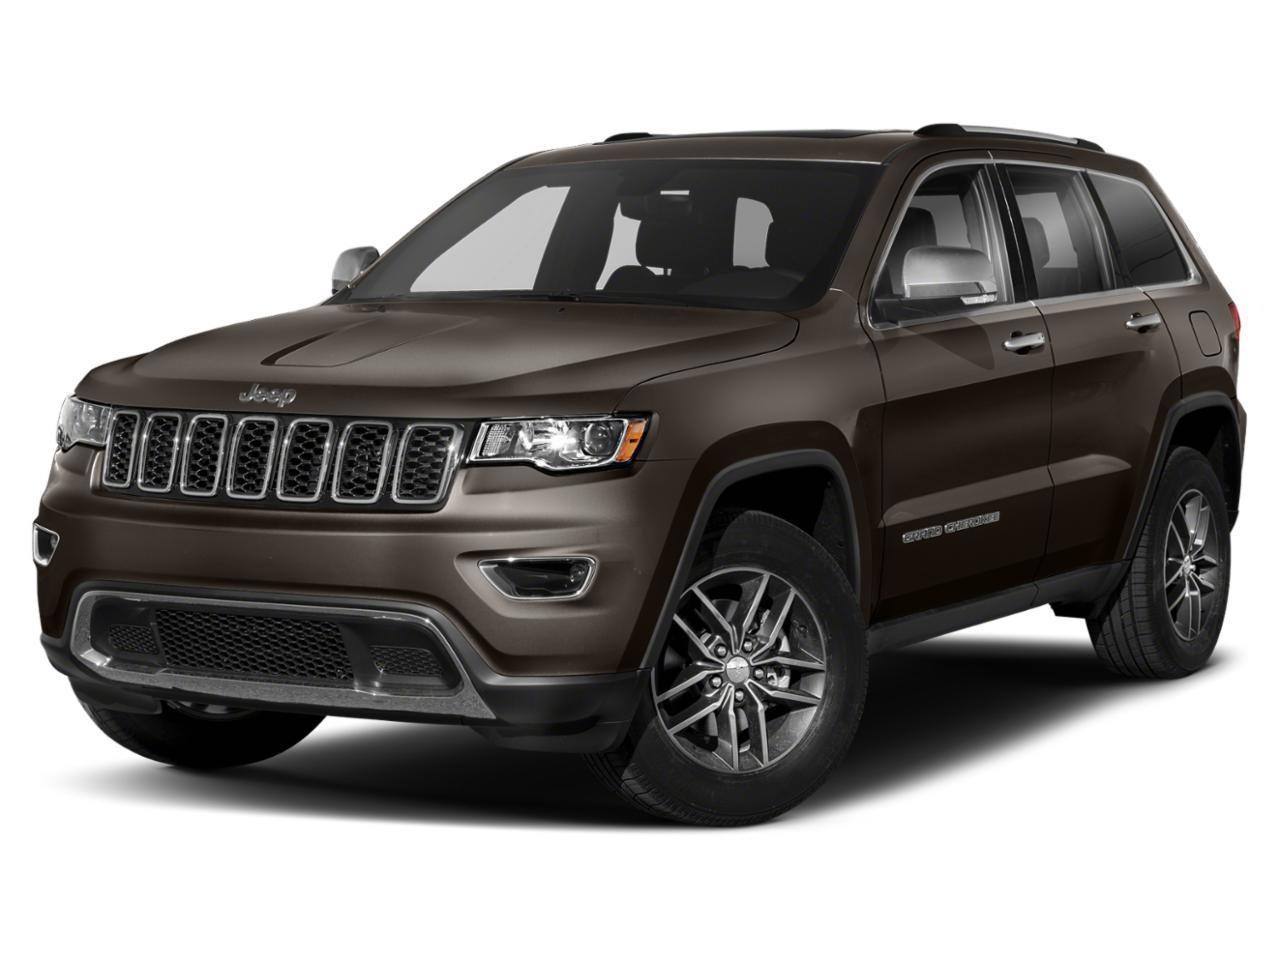 2018 Jeep Grand Cherokee Vehicle Photo in Washington, NJ 07882